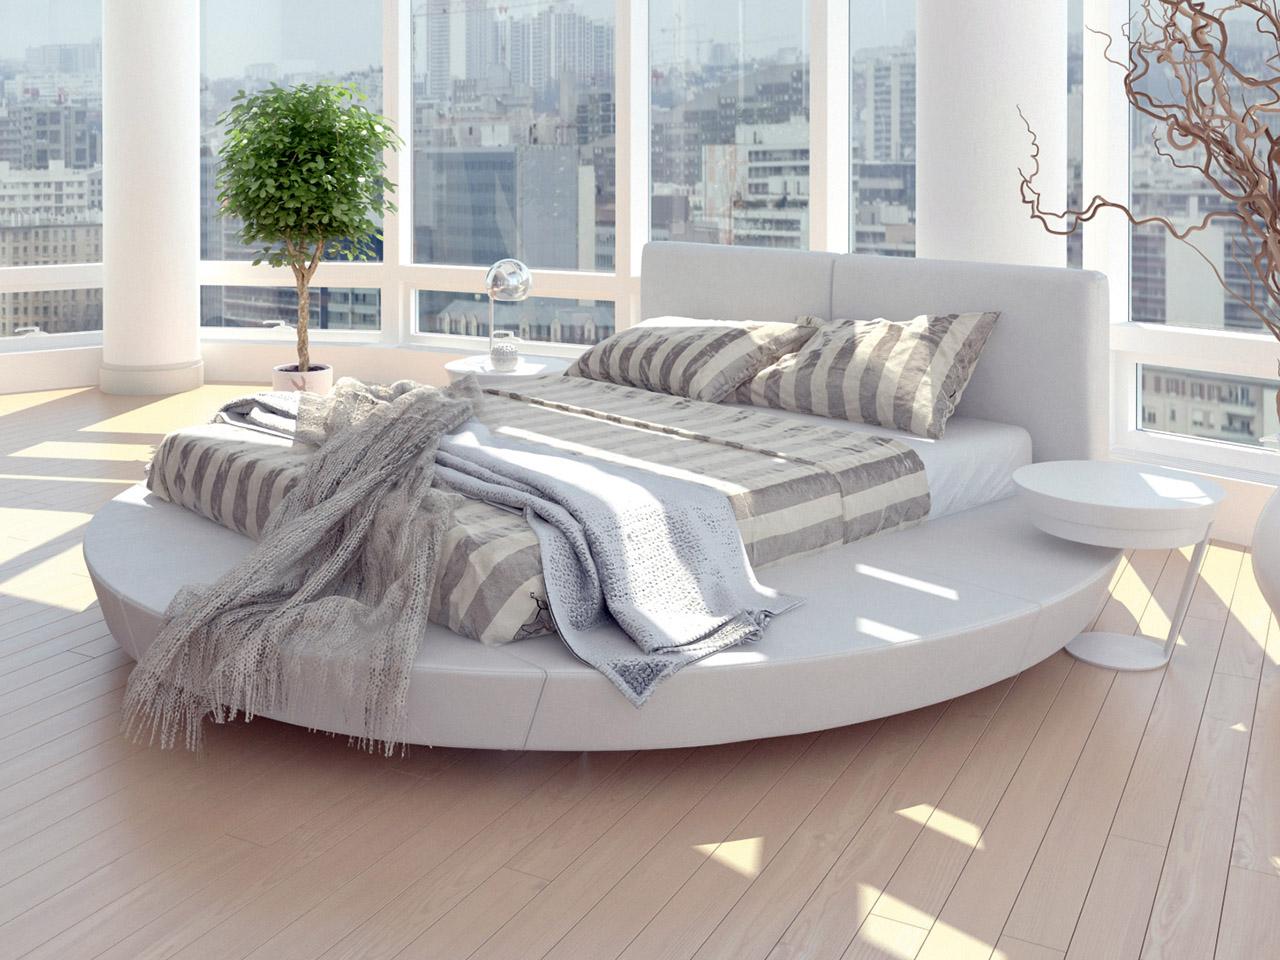 Visualisierung Interieur modernes Schlafzimmer